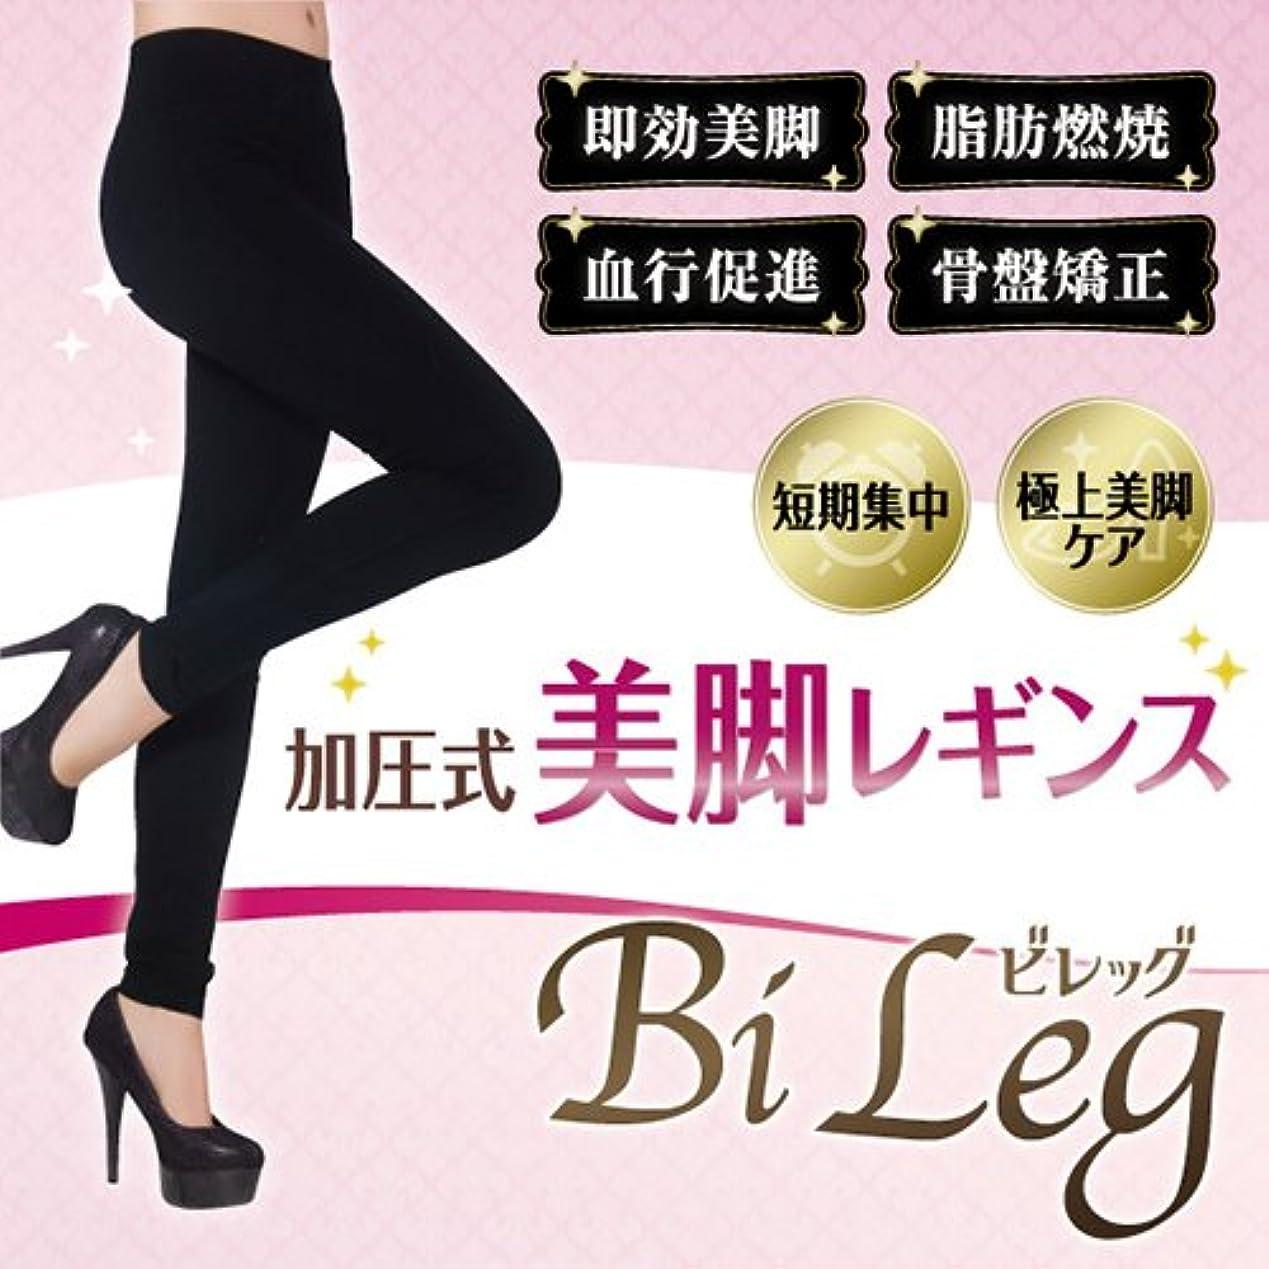 白菜記述する家主【送料無料3個セット】Bi Leg-ビレッグ-